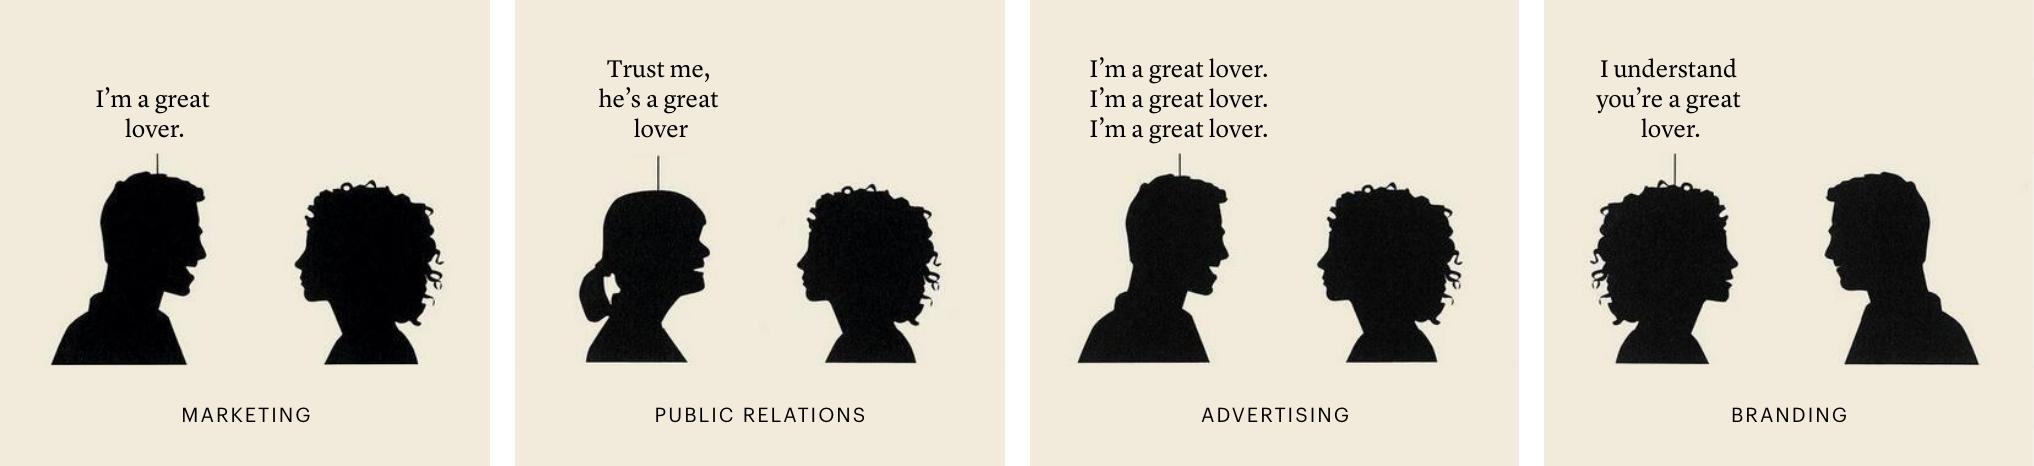 Branding im Vergleich zu anderen Werbearten visualisiert